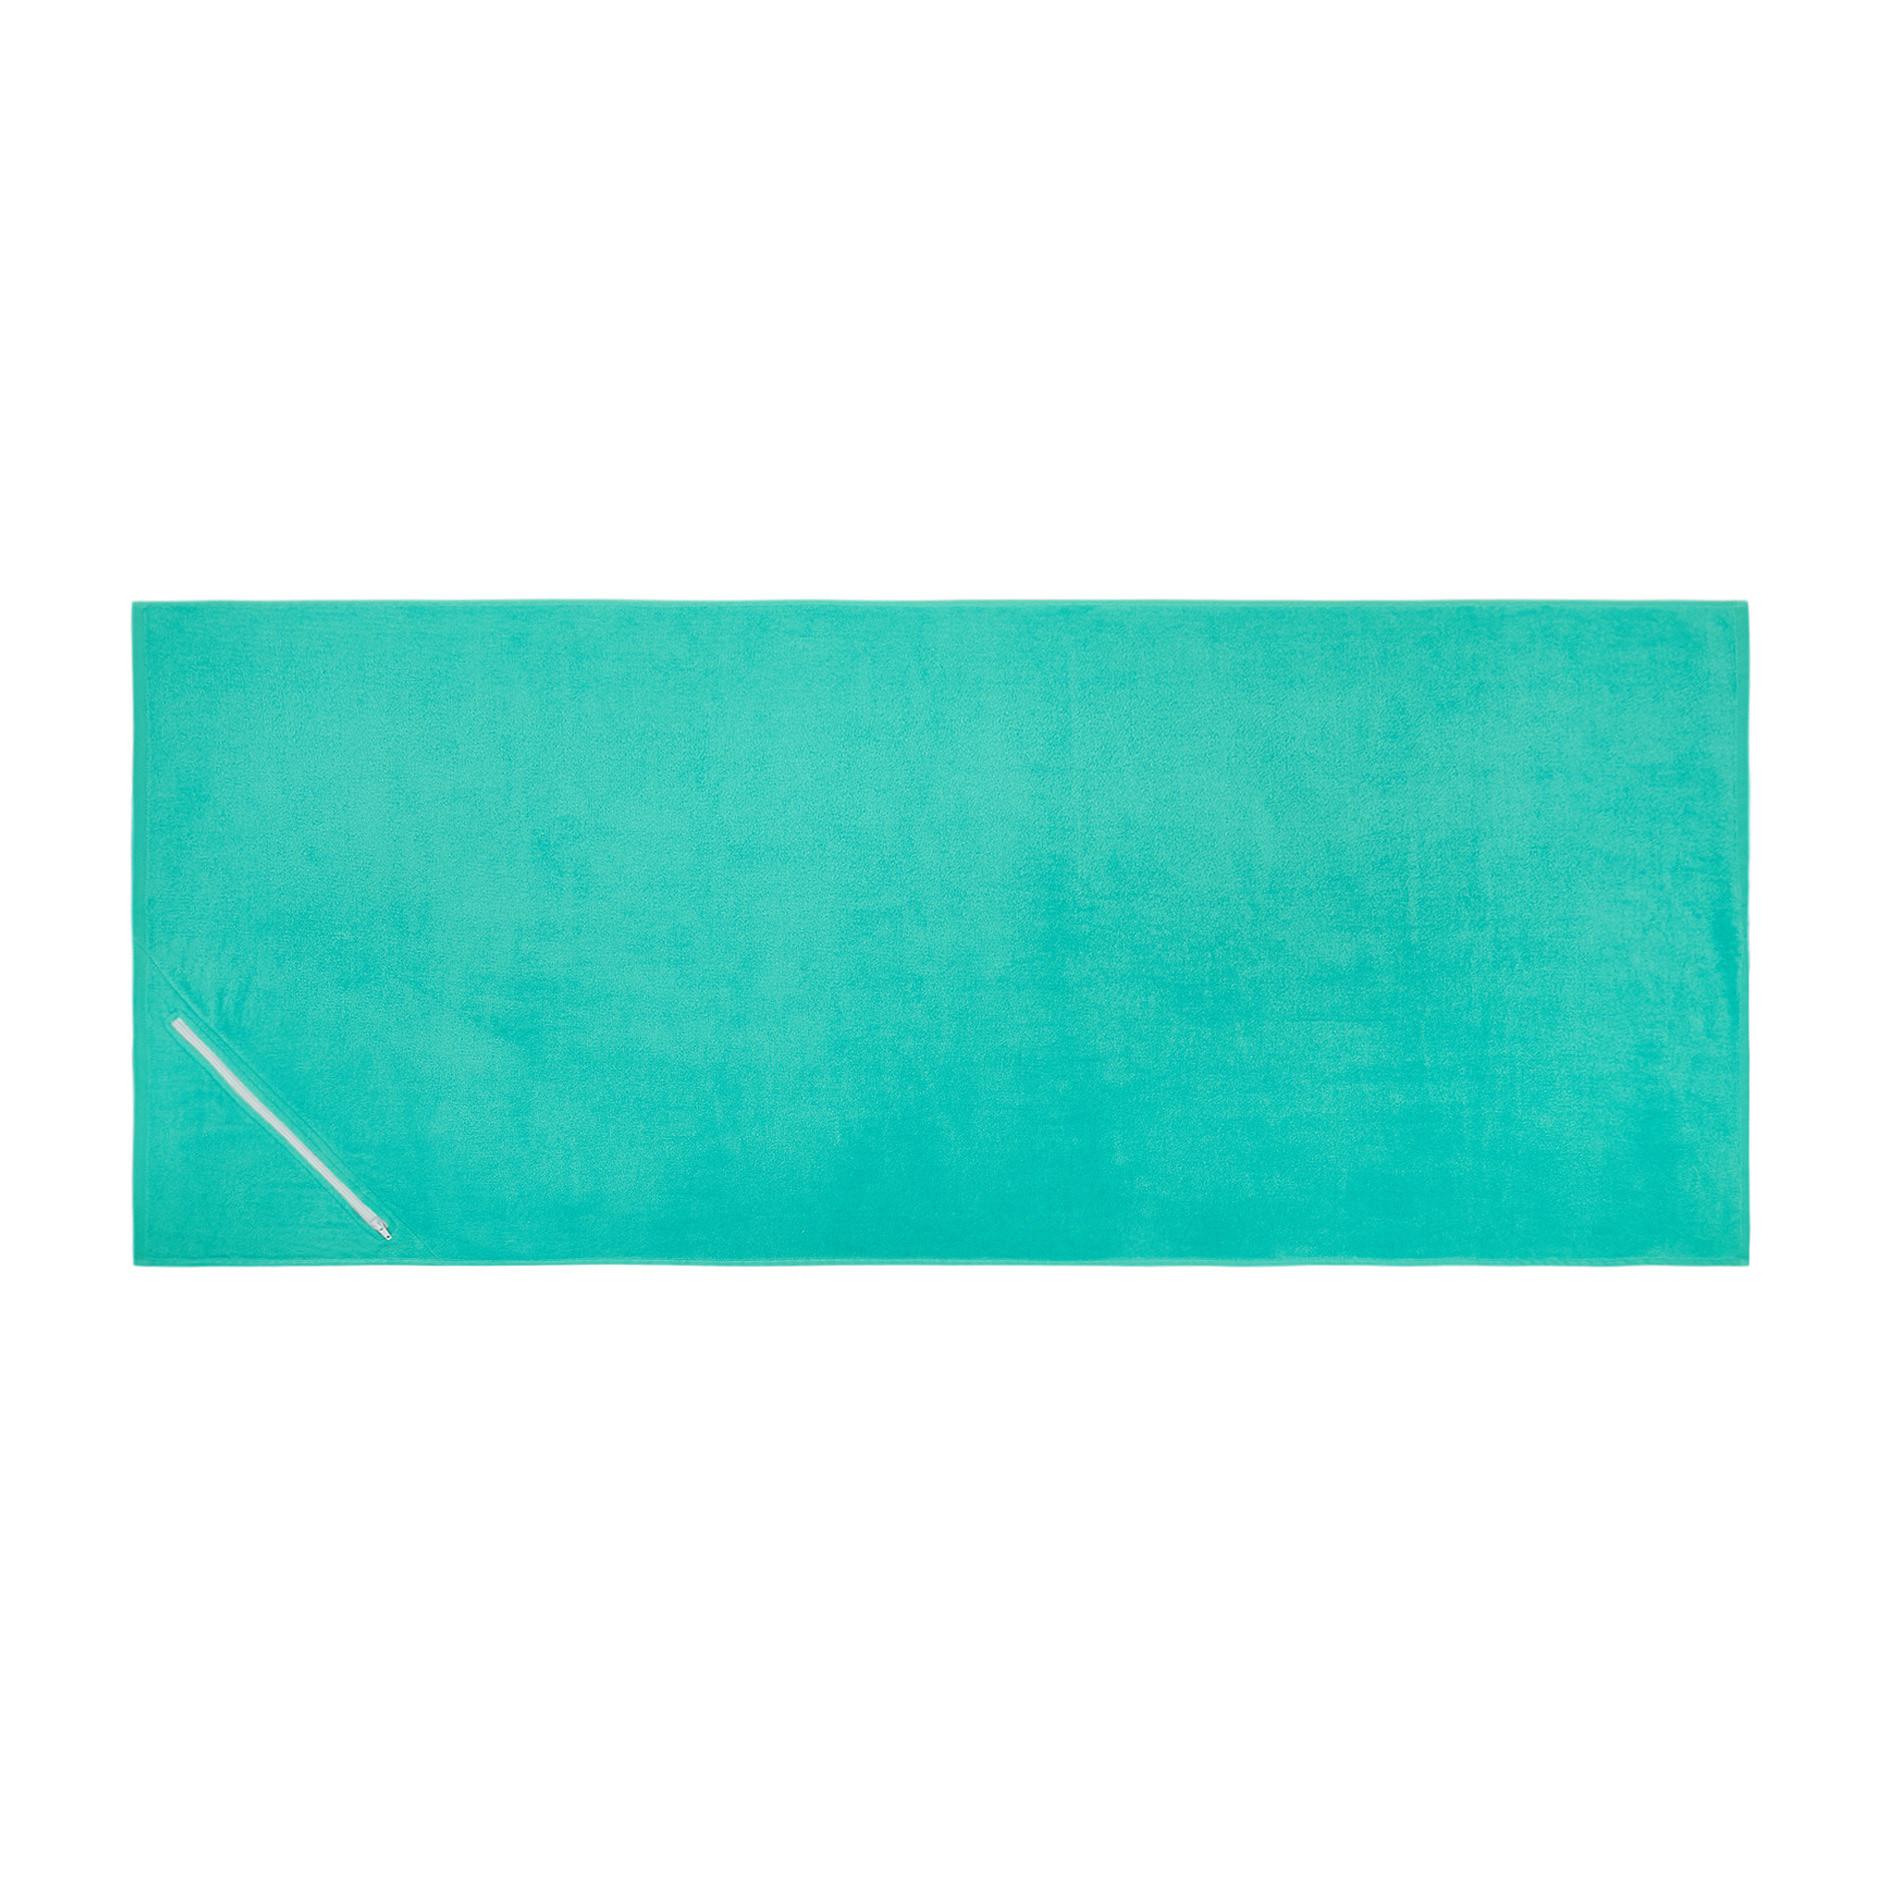 Telo mare in spugna di cotone con tasca, Verde chiaro, large image number 0